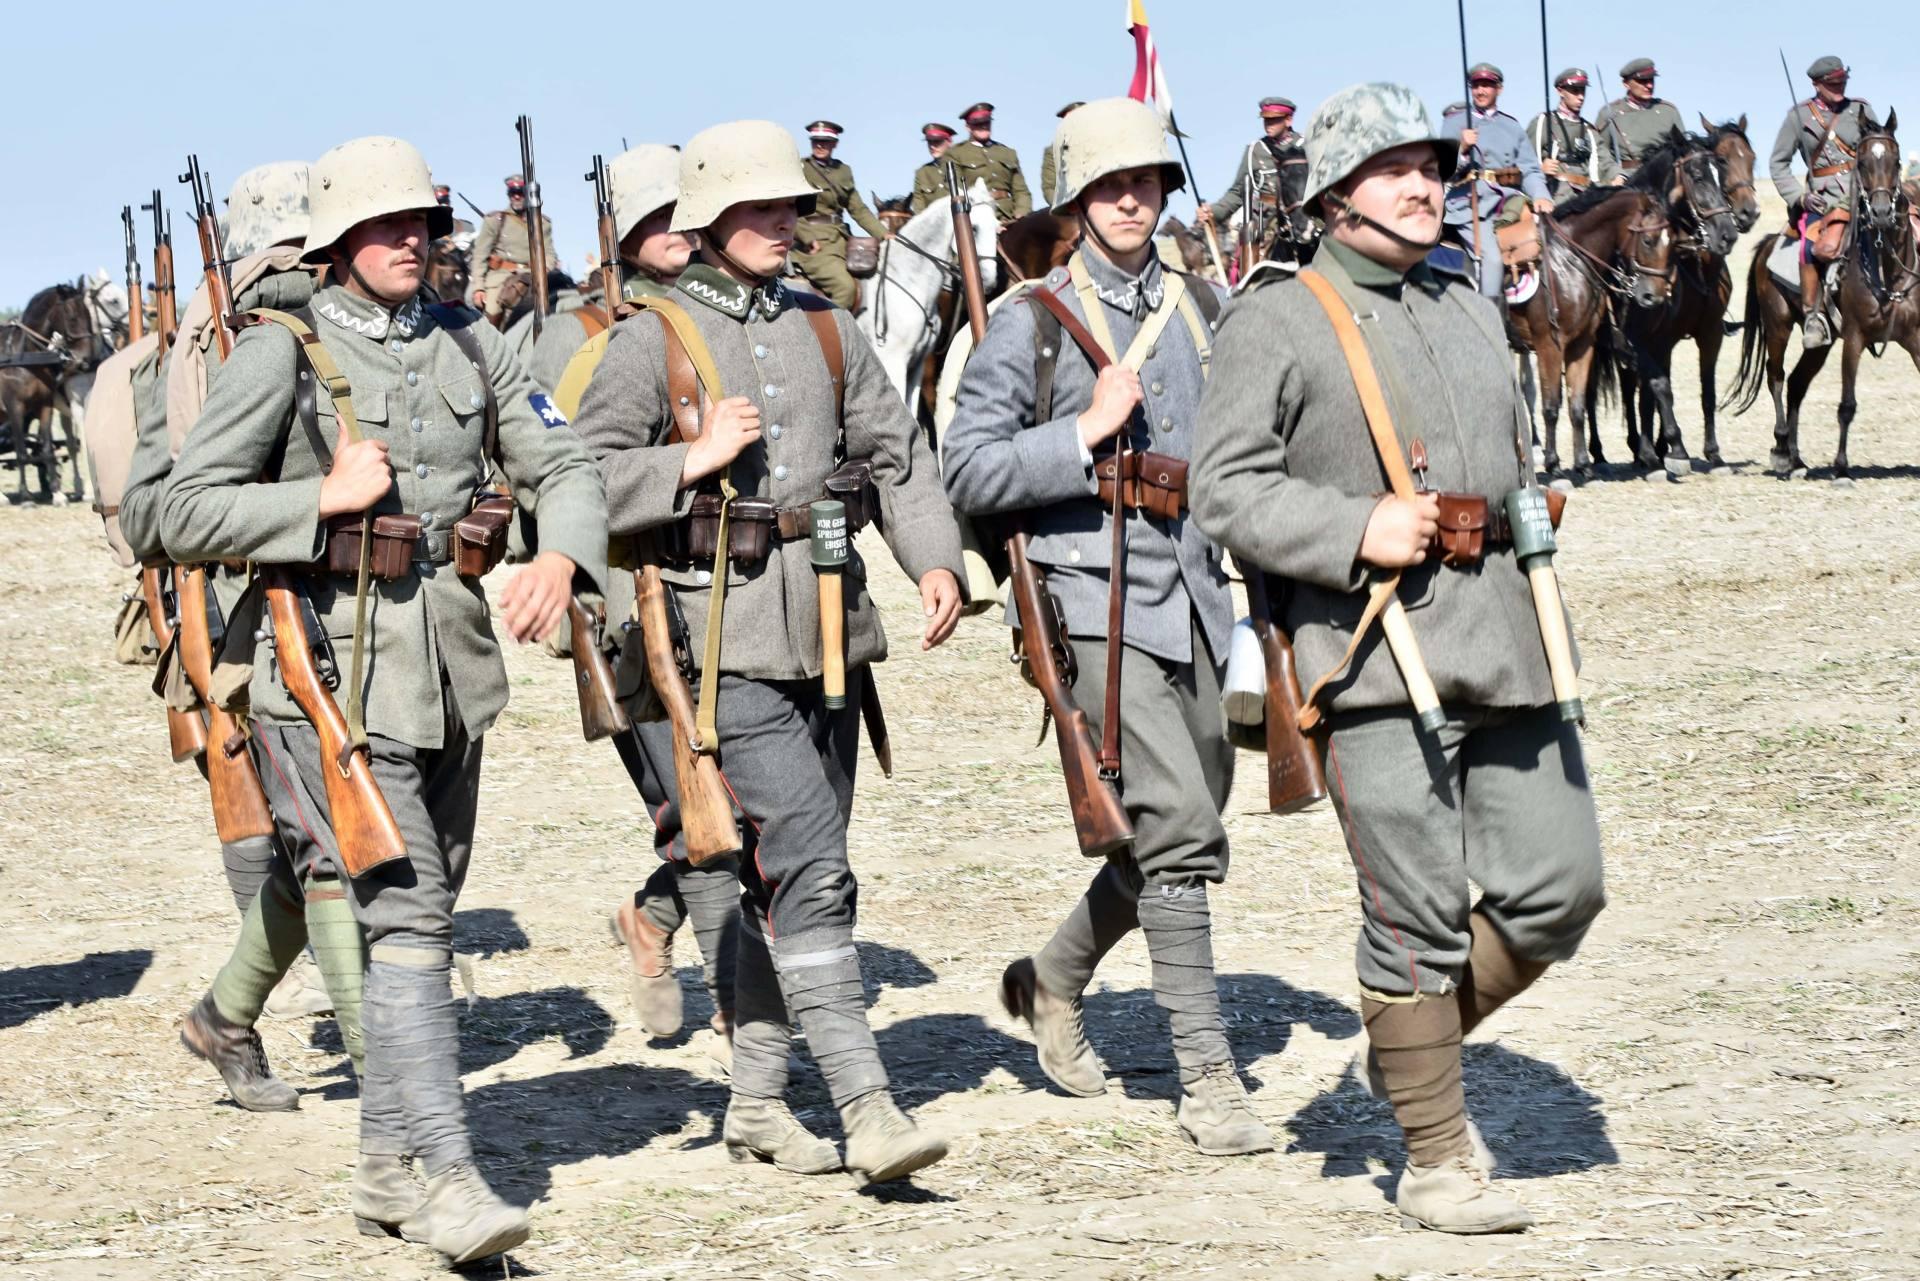 dsc 1112 Czas szabli - 100 rocznica bitwy pod Komarowem(zdjęcia)